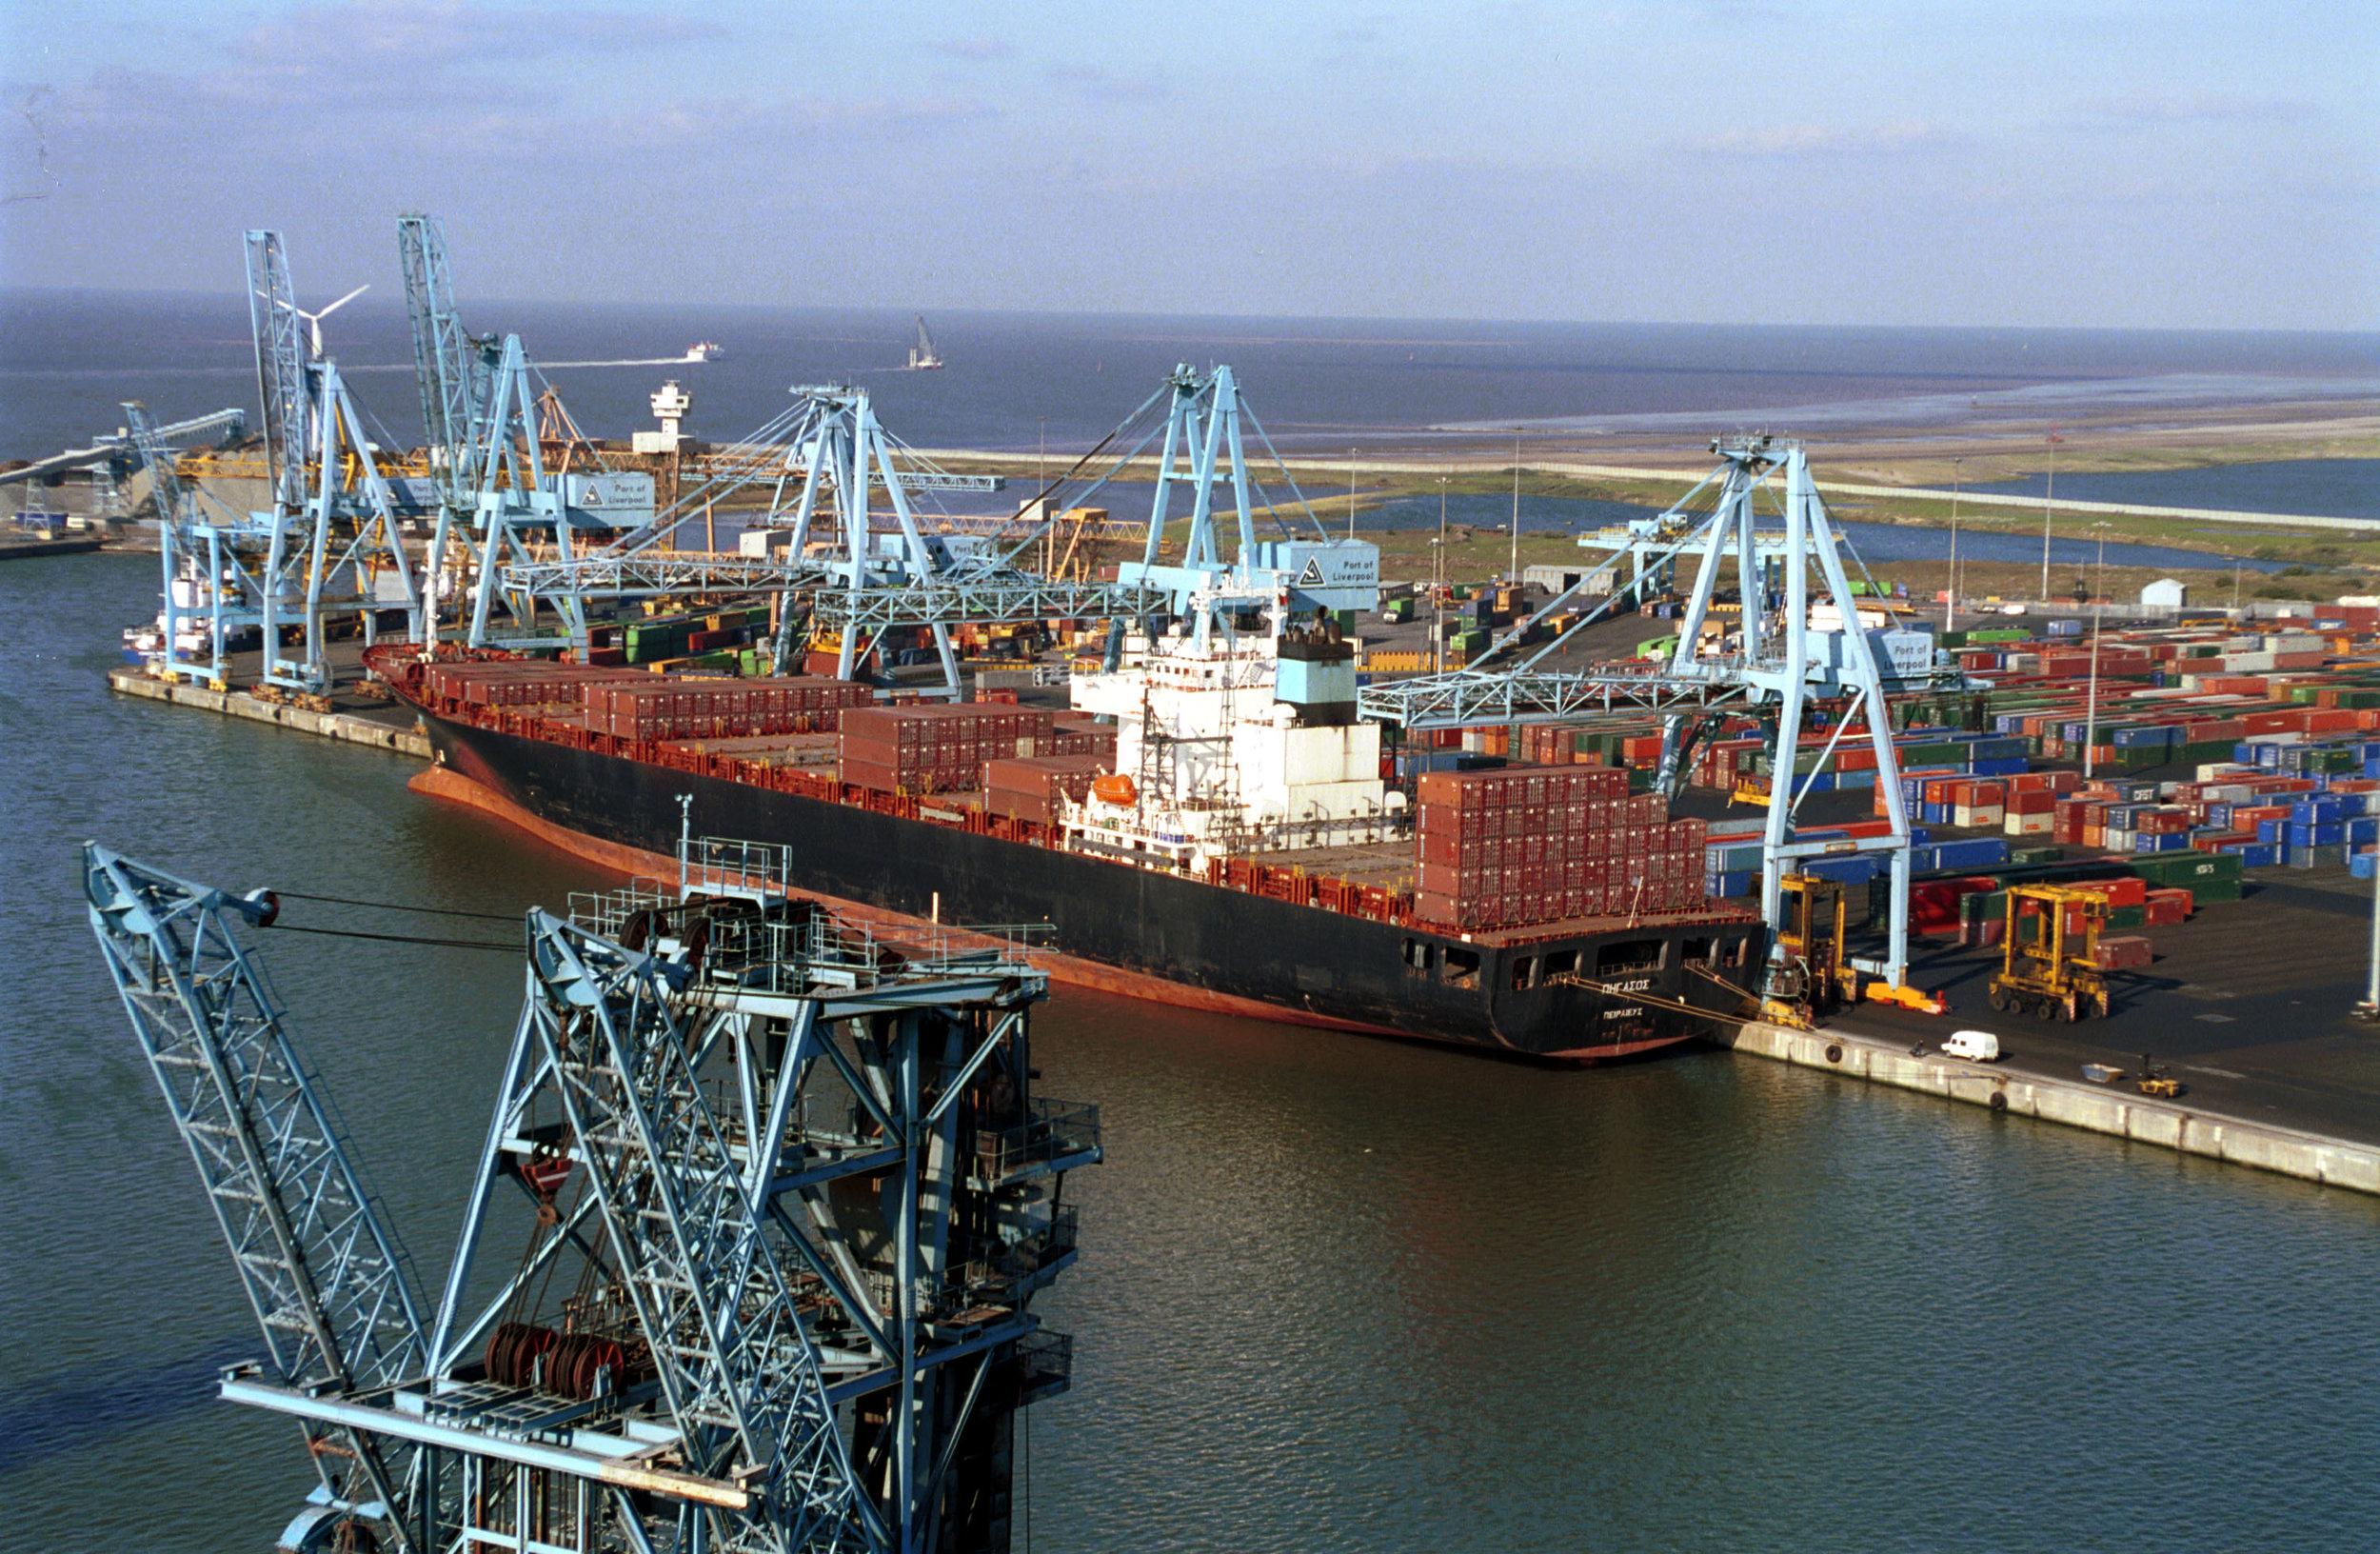 Port of Lpool (1).jpeg